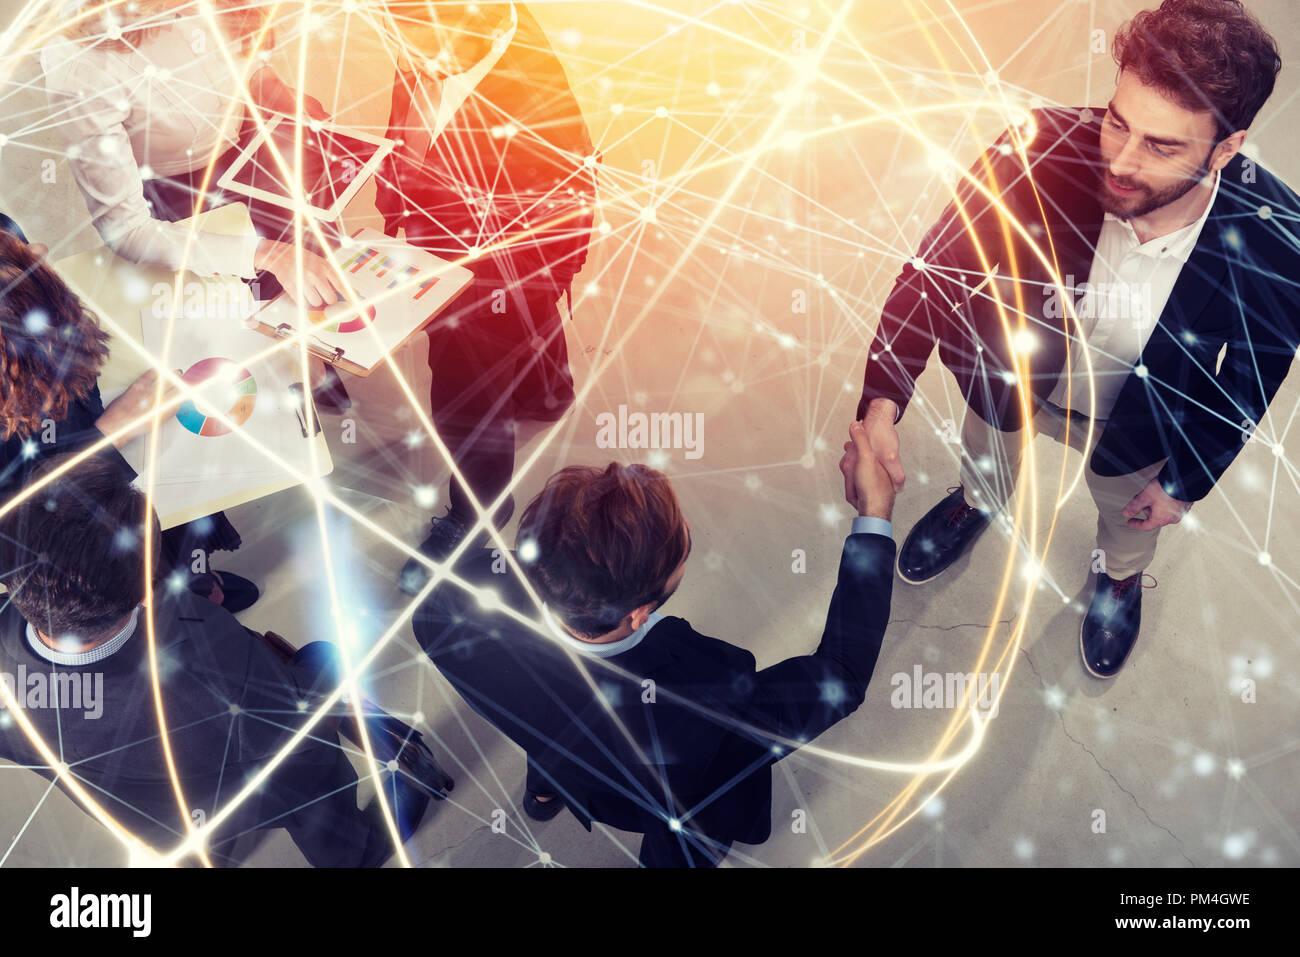 Handshaking business Person im Büro. Konzept der Teamarbeit und Partnerschaft. Double Exposure mit Netzwerkeffekten Stockbild